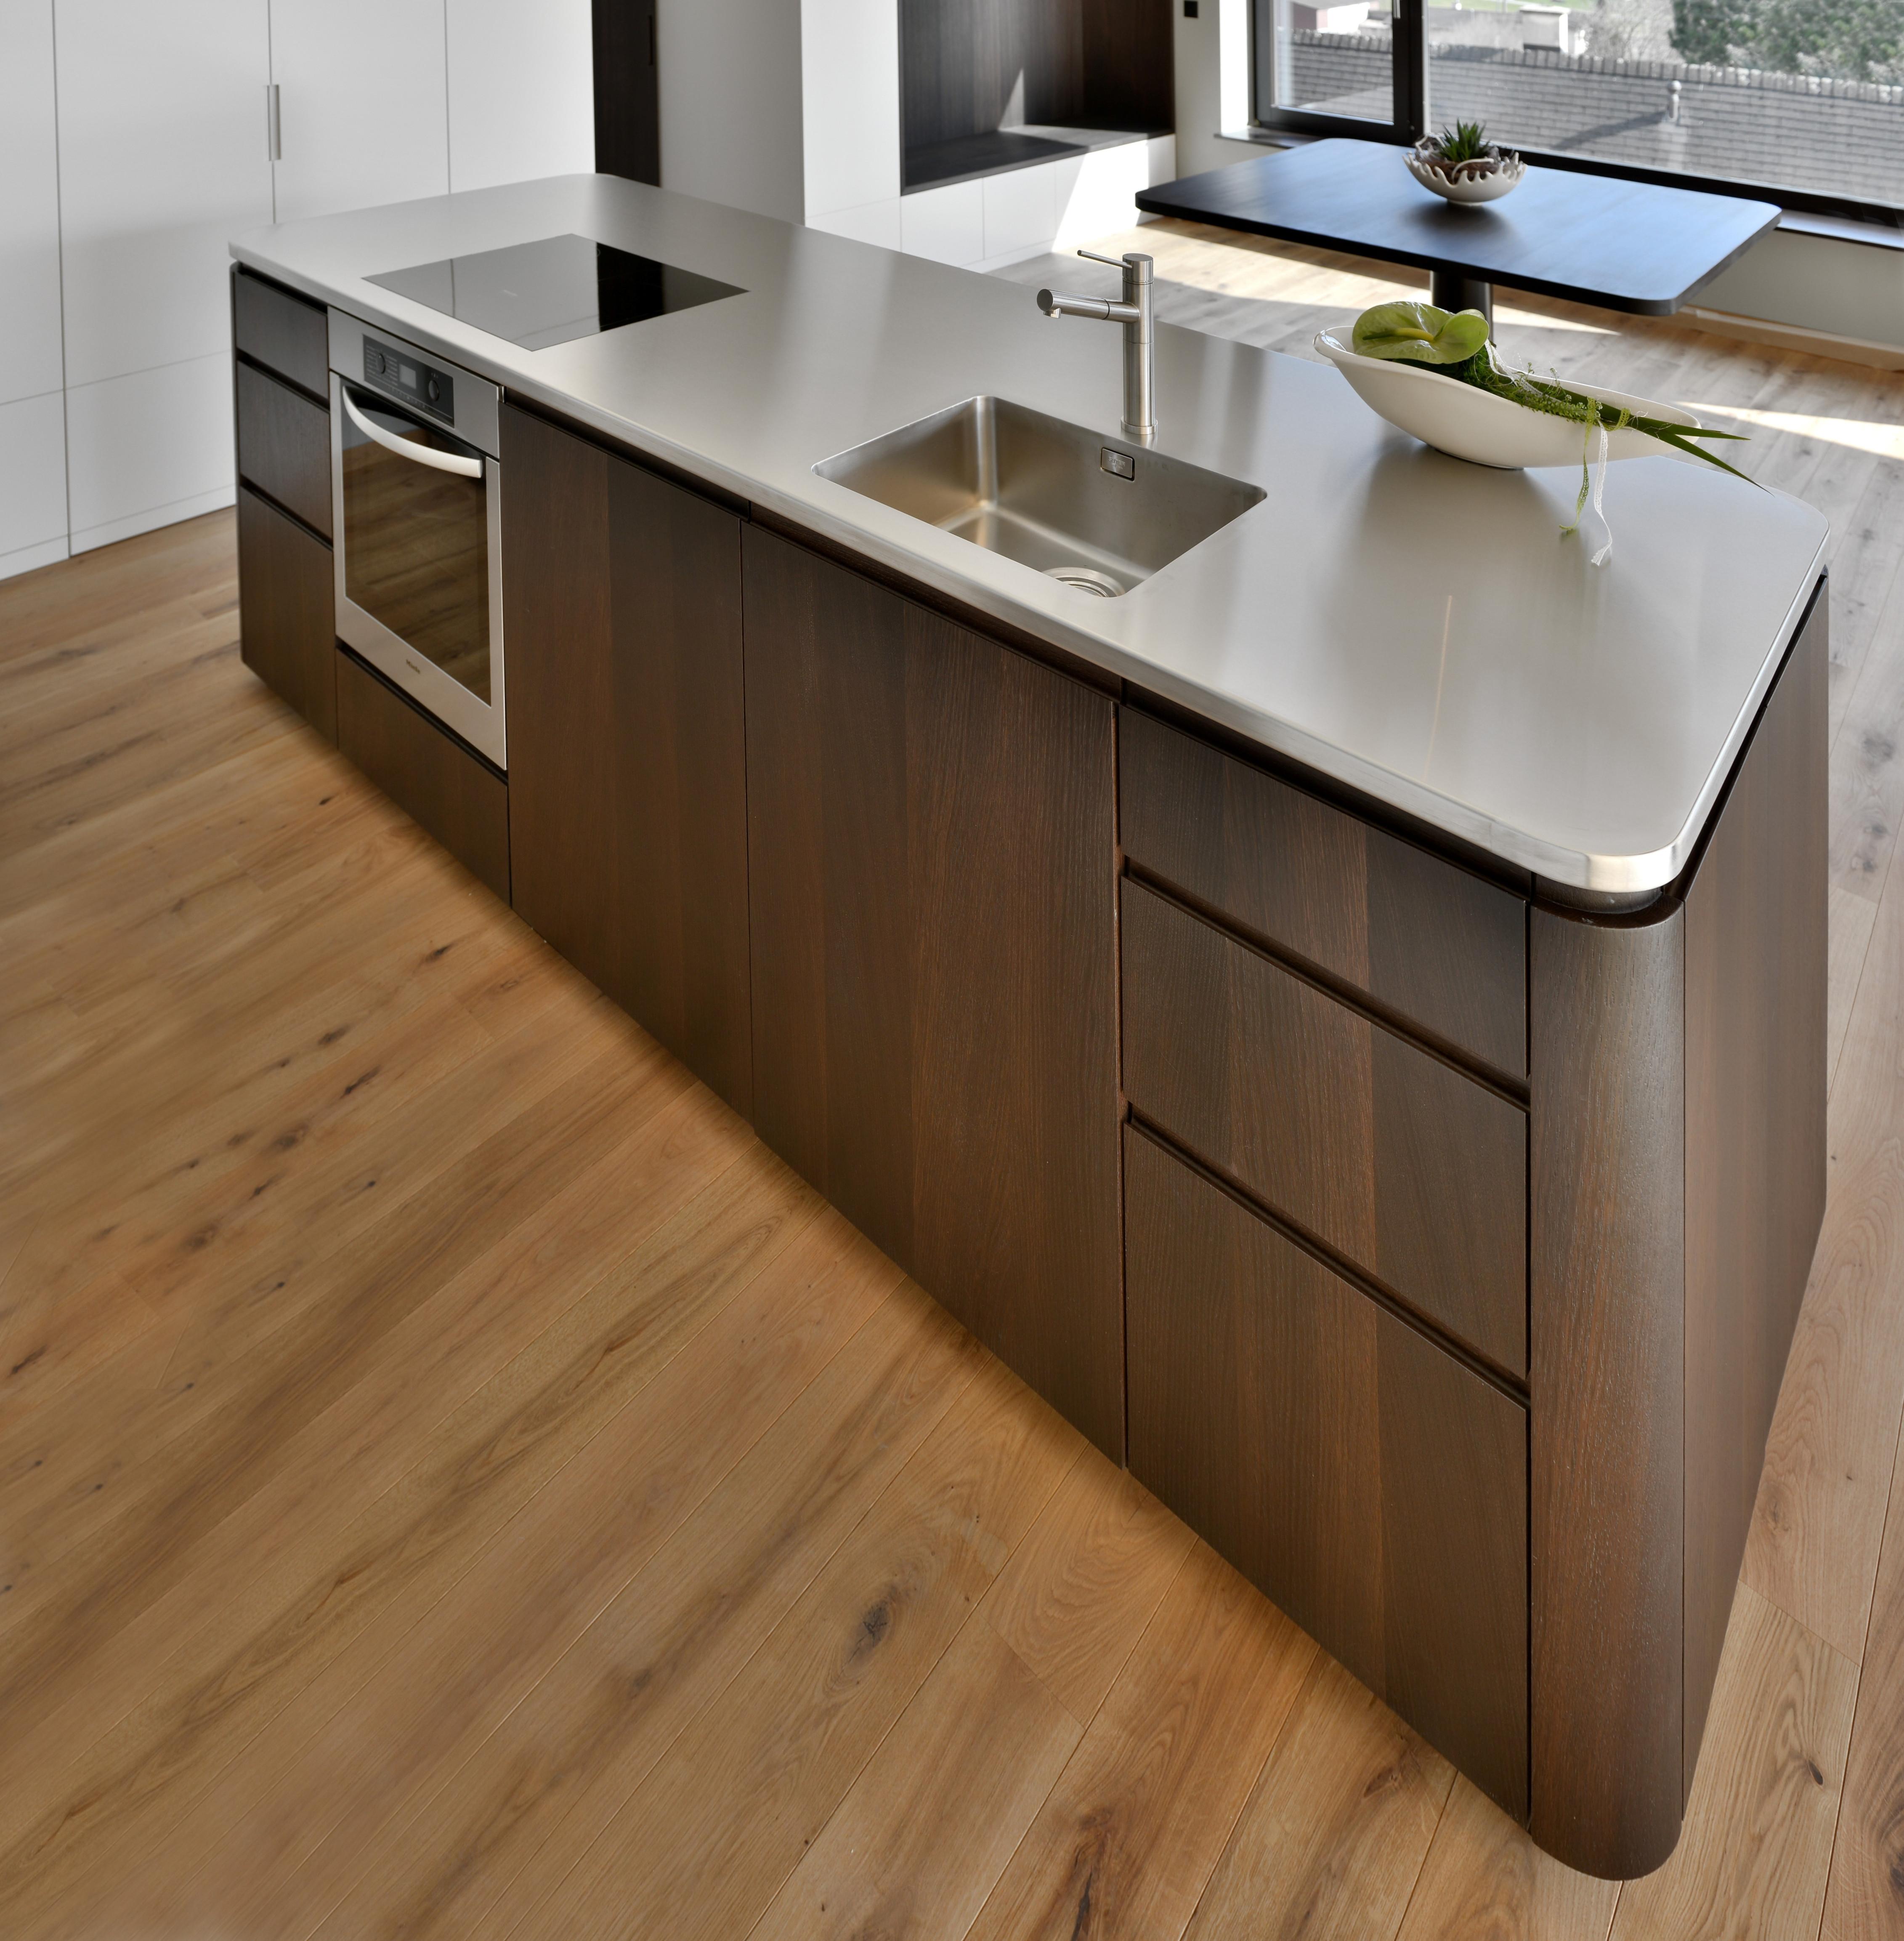 Arbeitsplatten Küche  Keramik Arbeitsplatte Nachteile – Wohn design